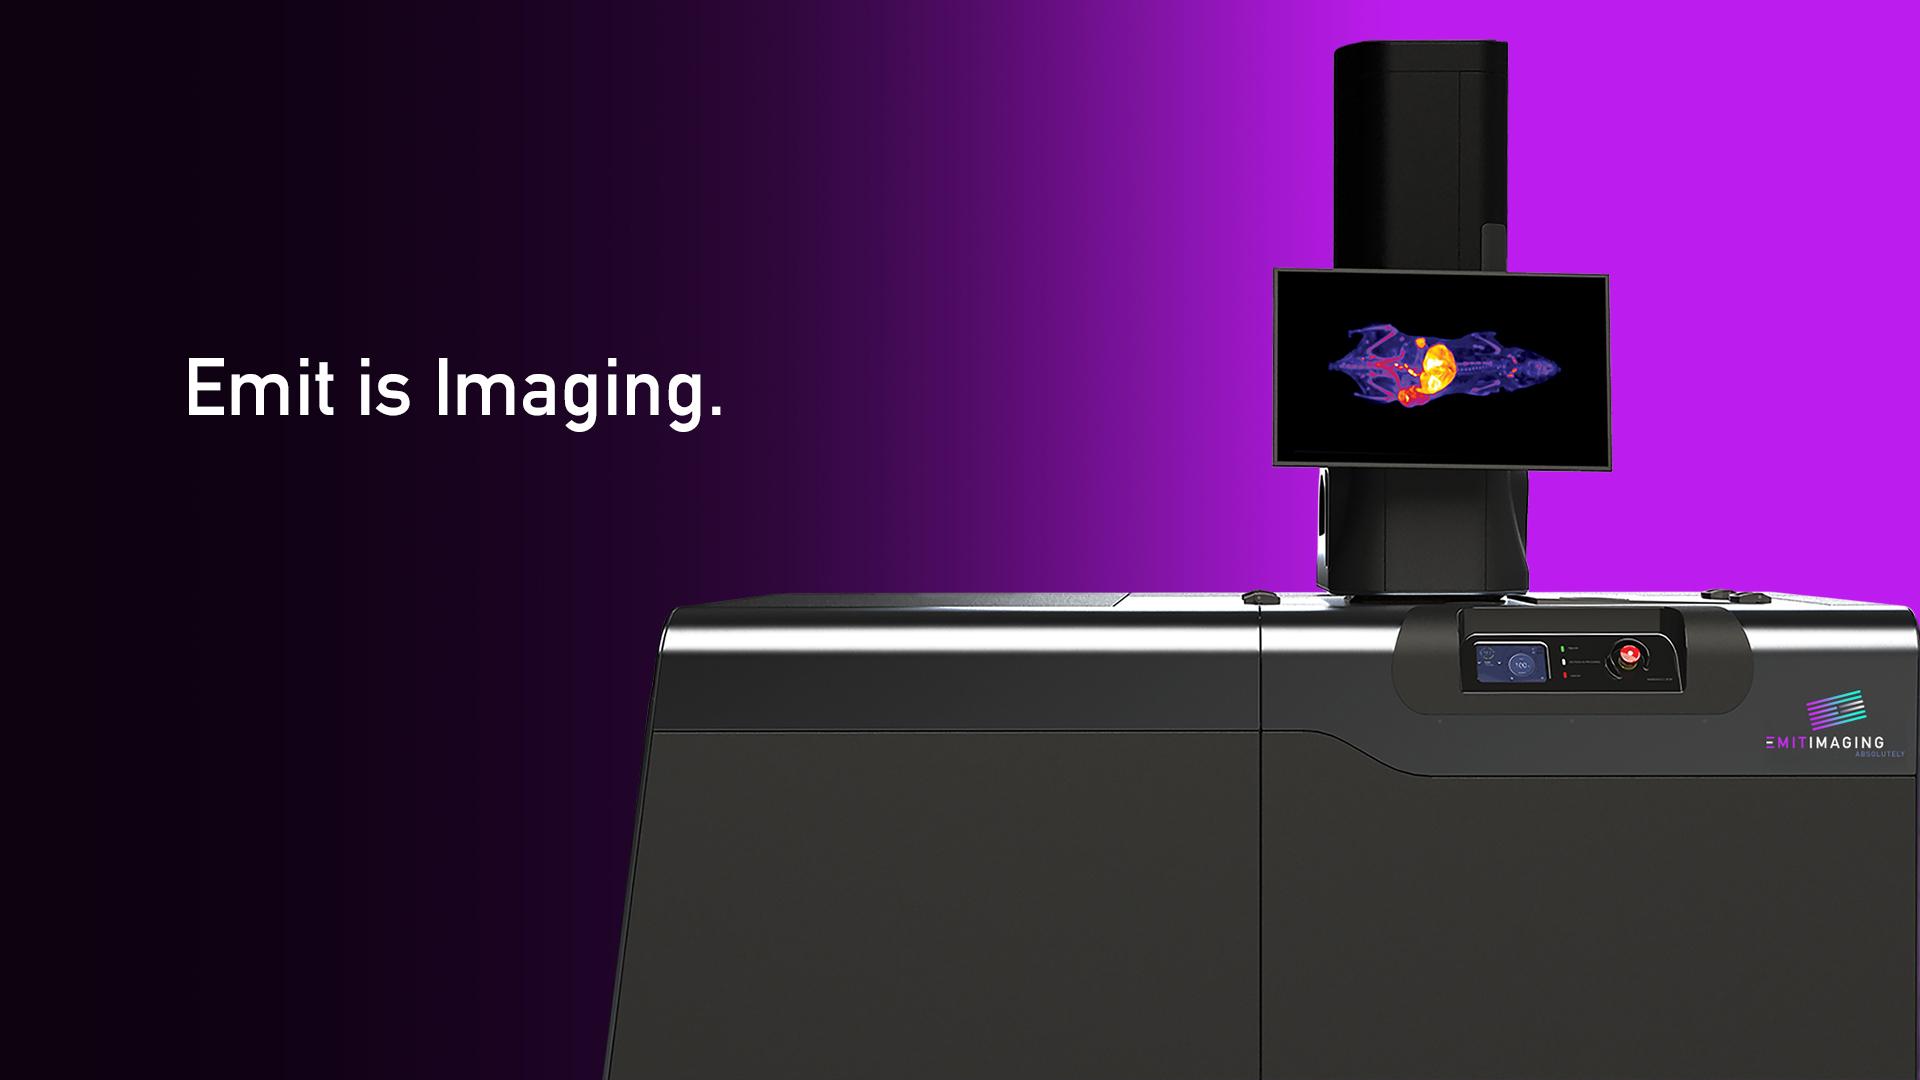 emit-values-imaging